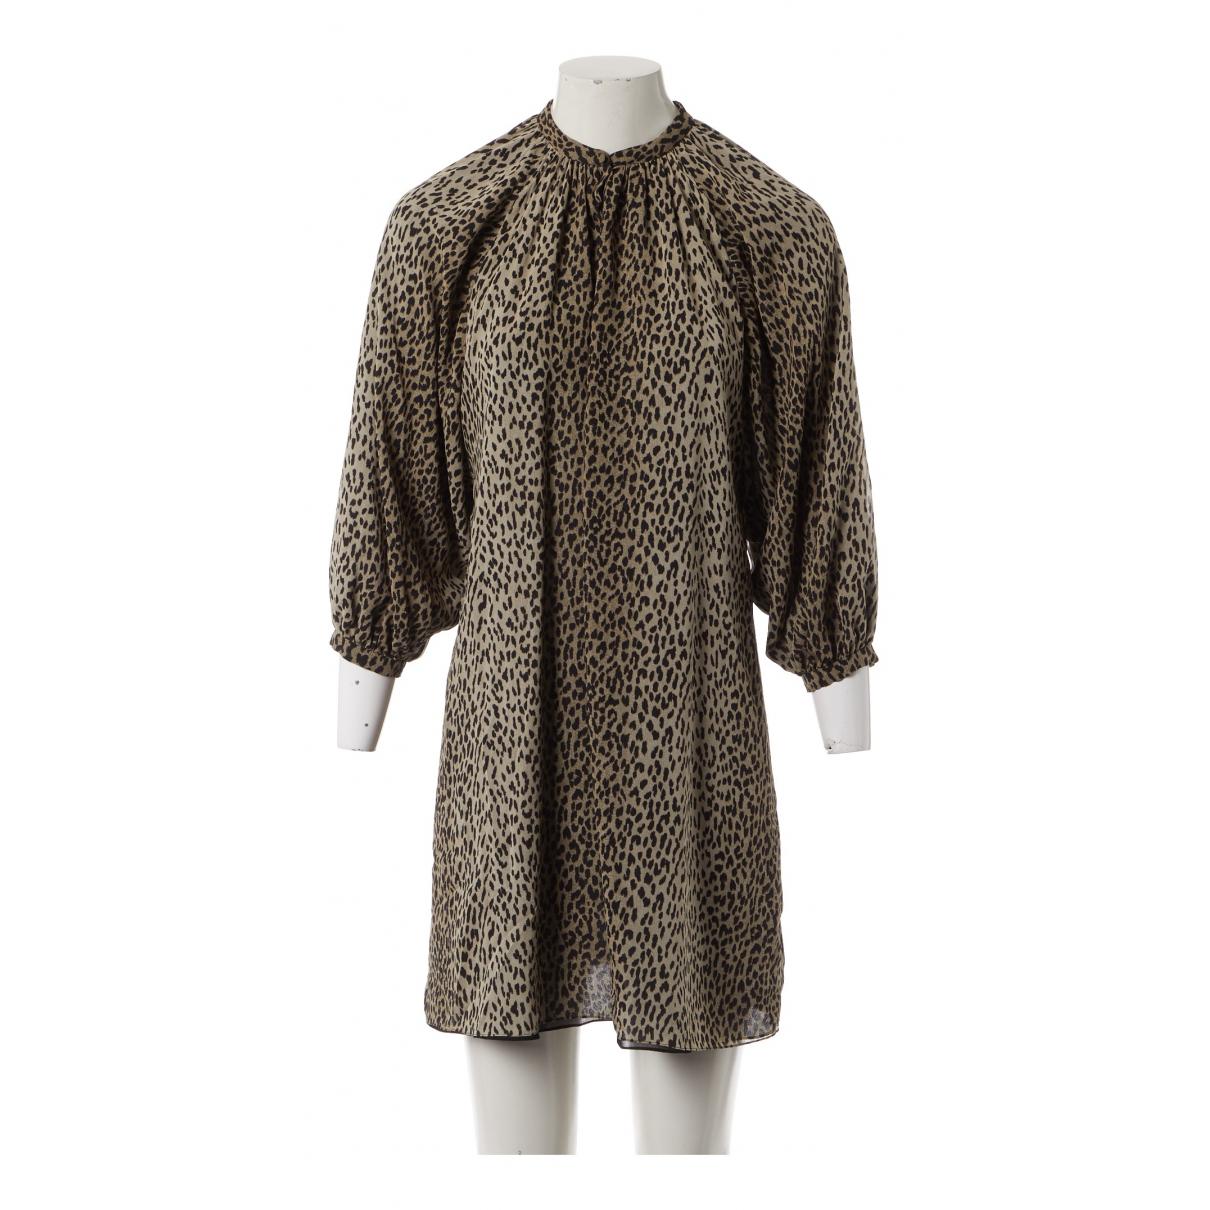 Saint Laurent \N Kleid in  Beige Seide